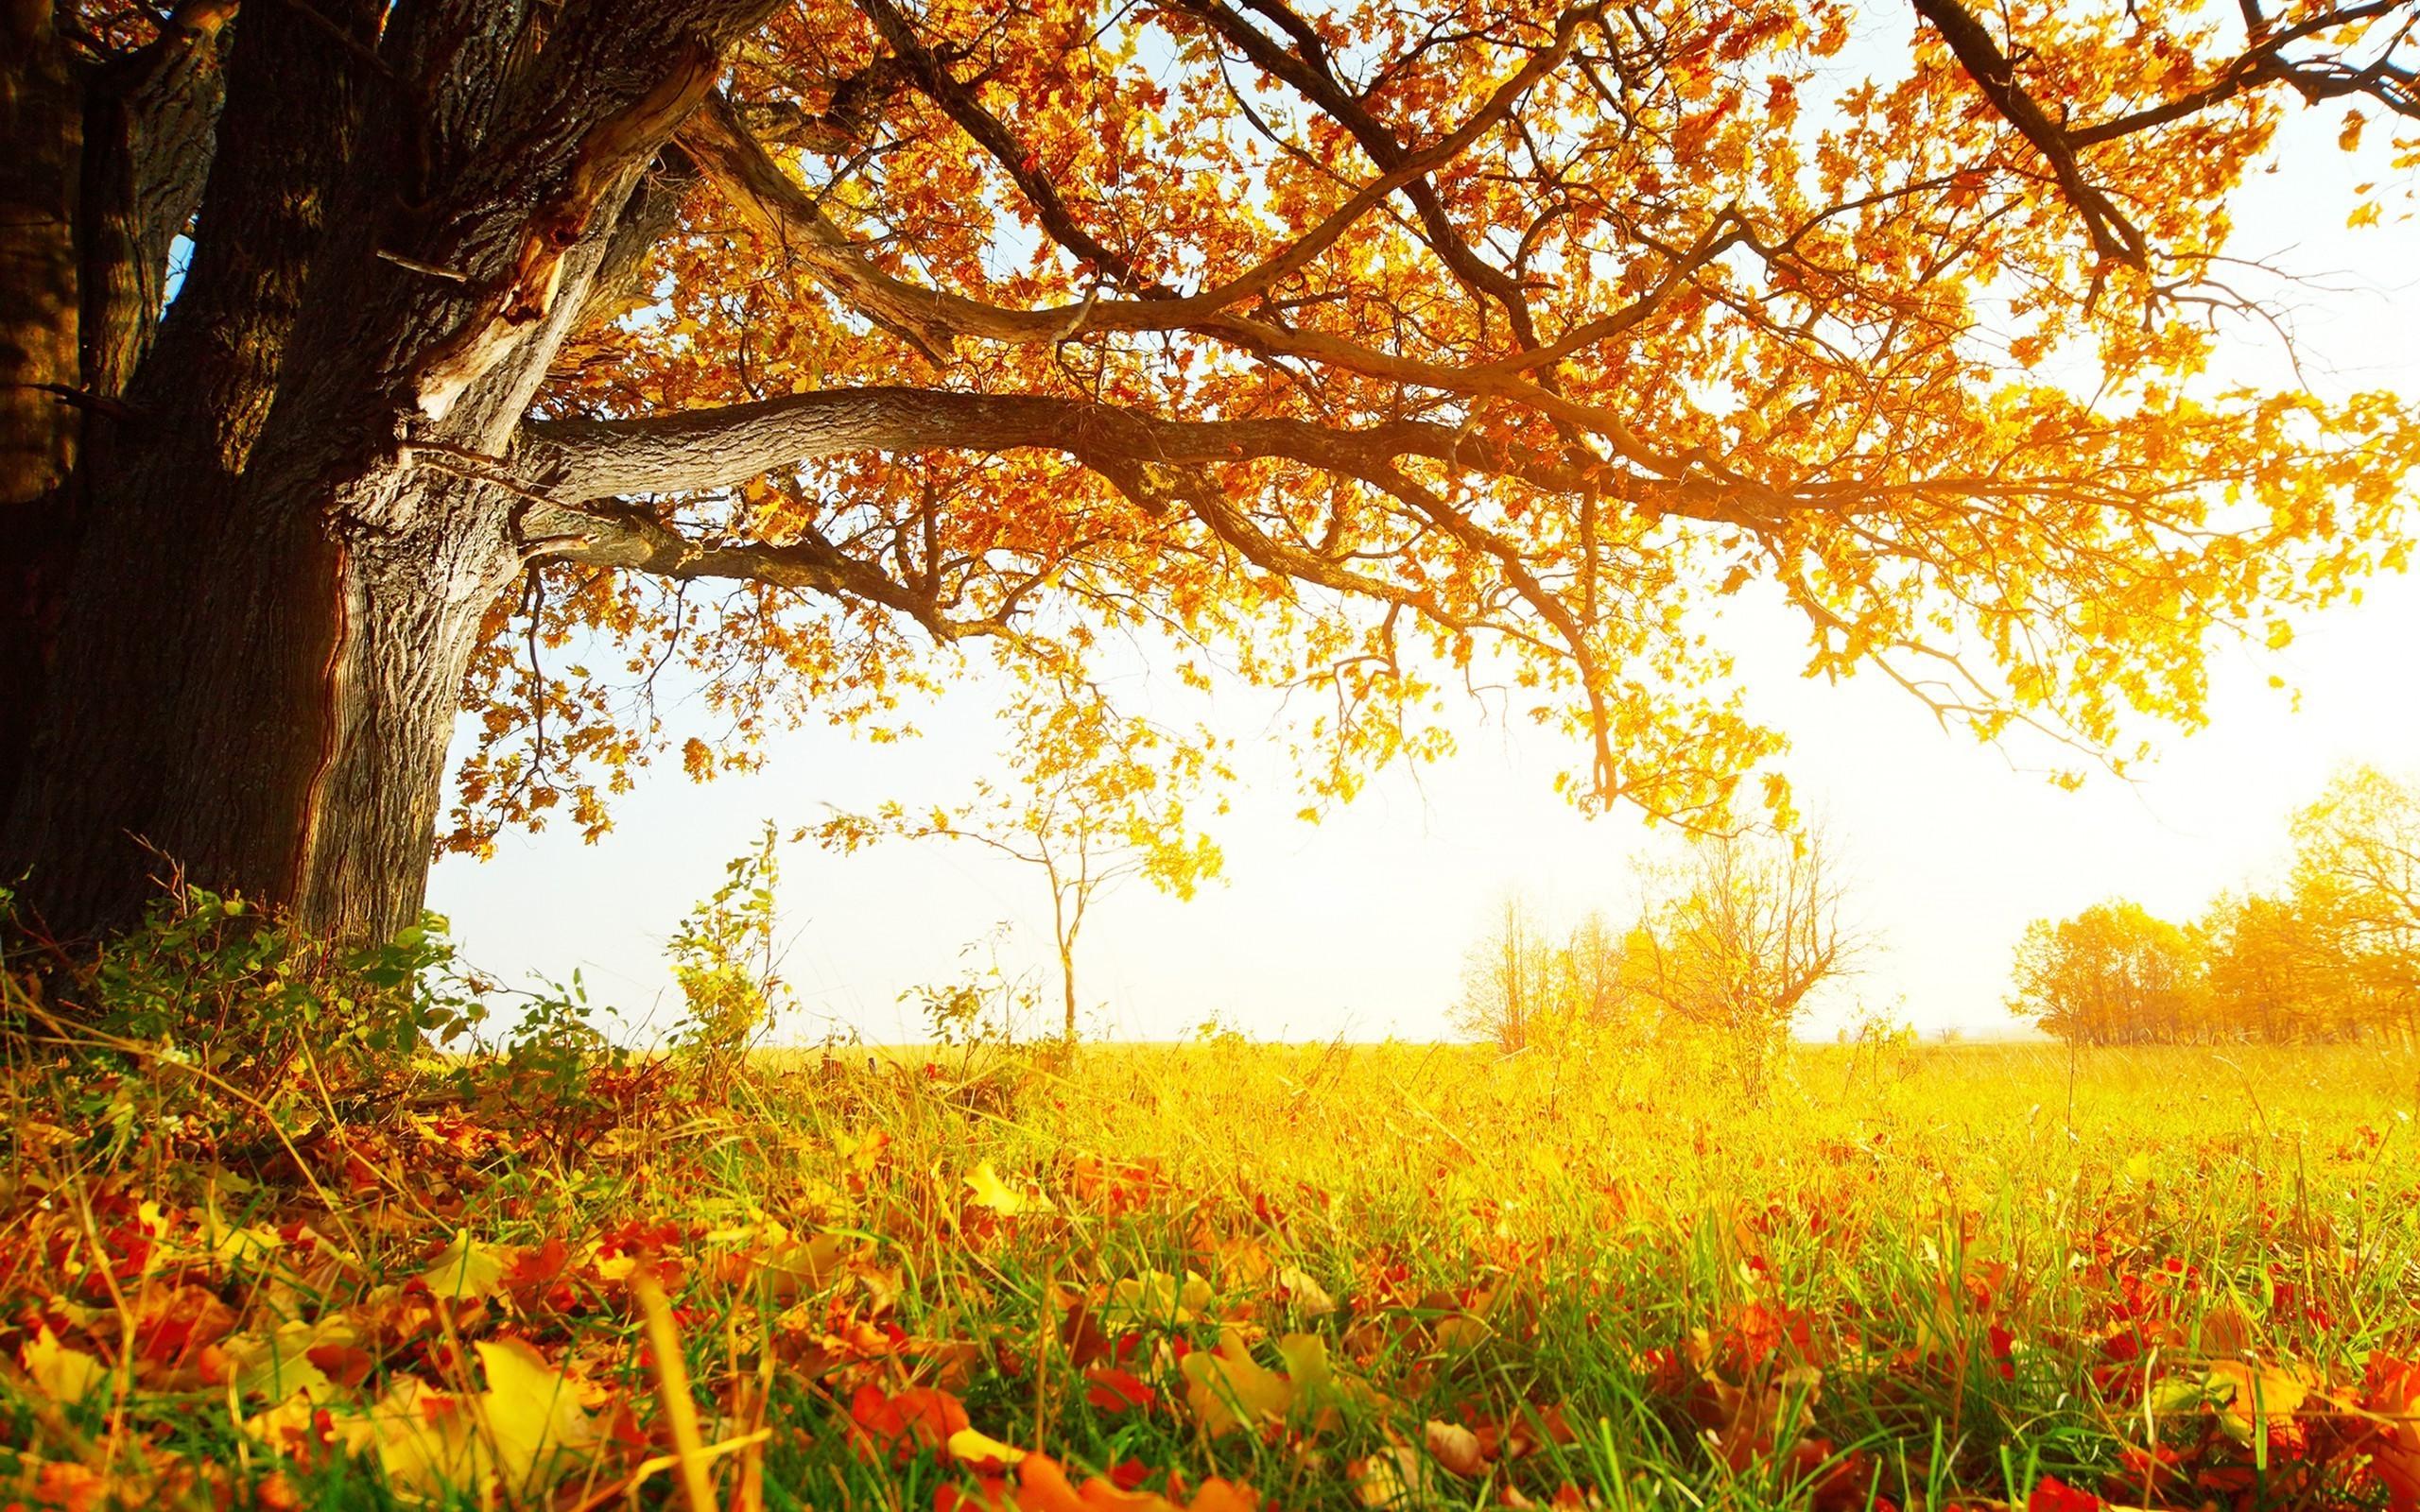 Fall Tree Hd 29504 2560x1600 Px